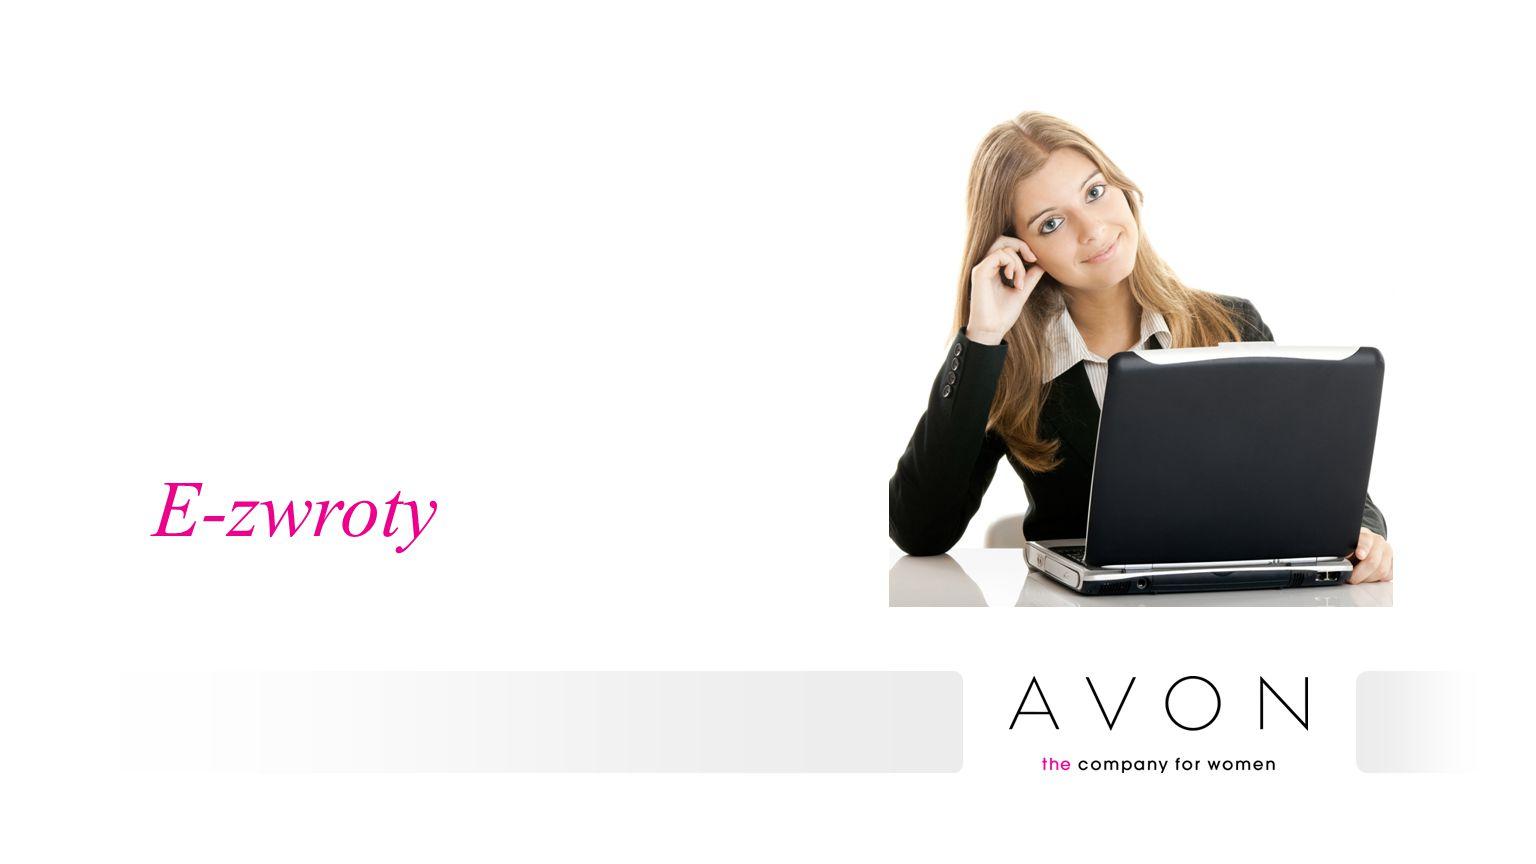 Agenda  Rozwój e-obsługi w Avon: cele  Efektywniejszy proces zwrotów już od 1 lipca  Nowy proces zwrotów z e-formularzem – krok po kroku  Aktualizacja limitu kredytowego o wartość zwrotu  Monitorowanie zwrotów  Dodatkowe informacje  Komunikacja  Pytania i odpowiedzi